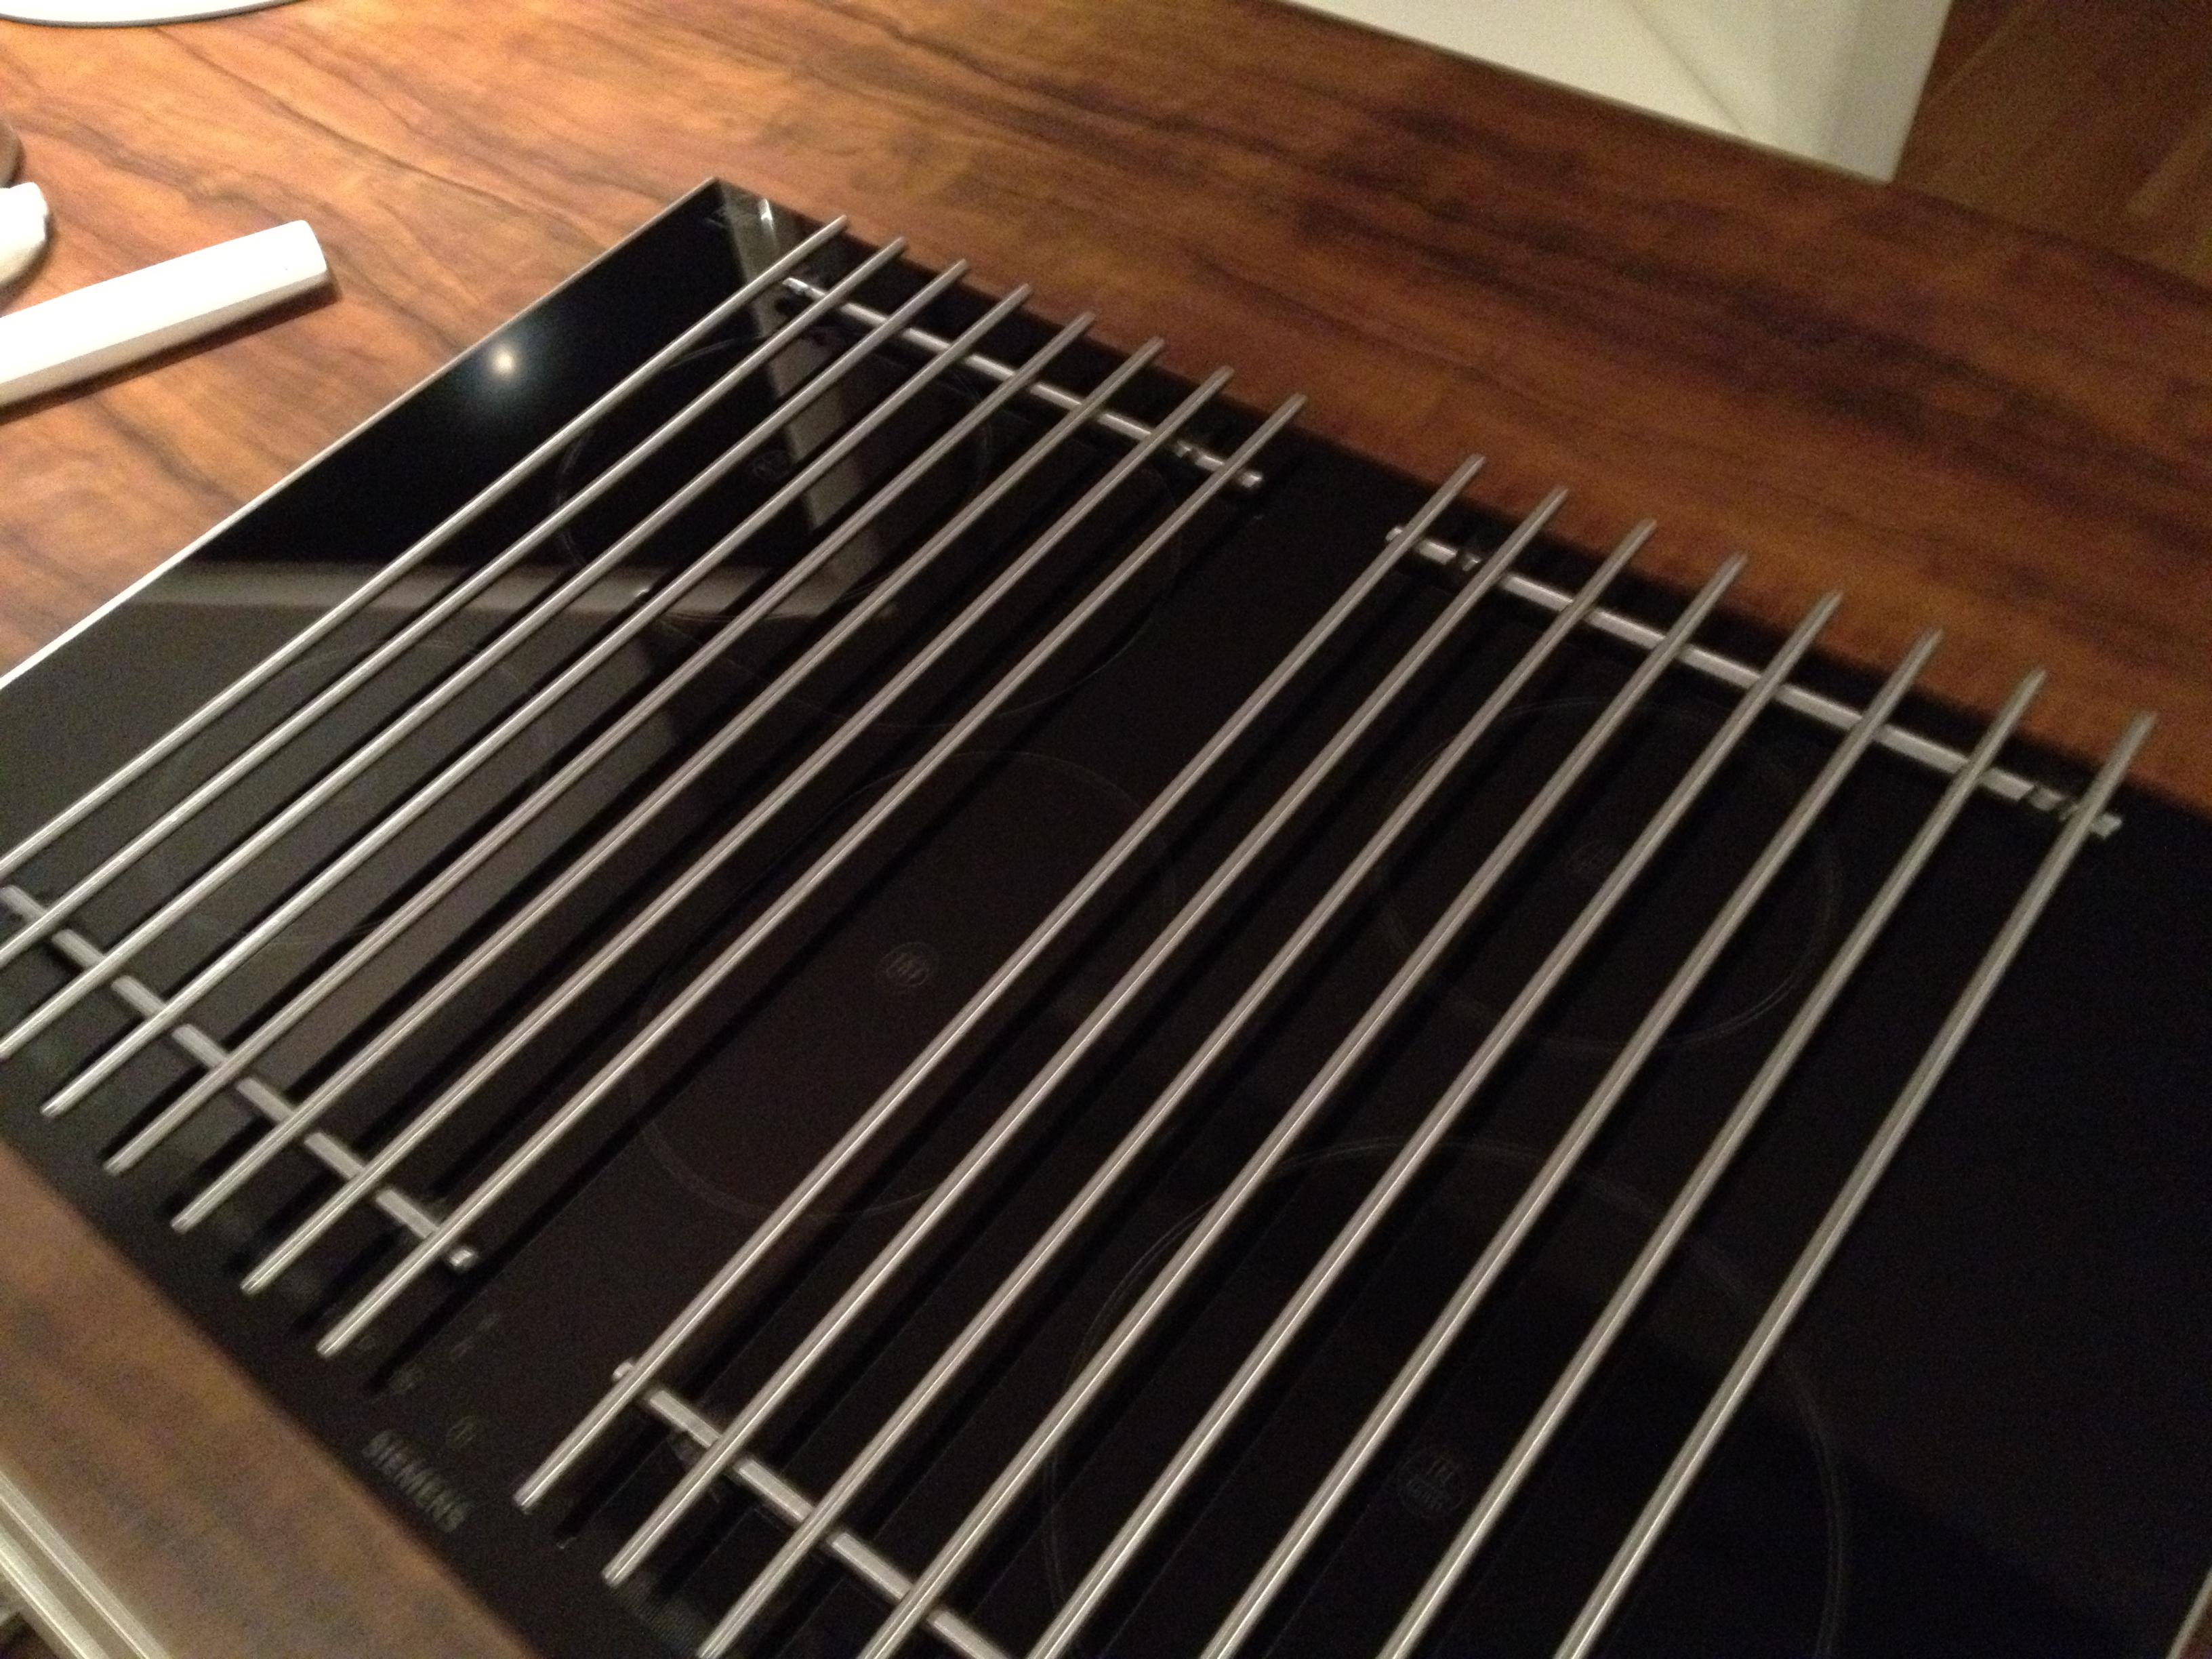 bitte um eure erfahrungen herdabdeckung fuer induktion k chenausstattung forum. Black Bedroom Furniture Sets. Home Design Ideas